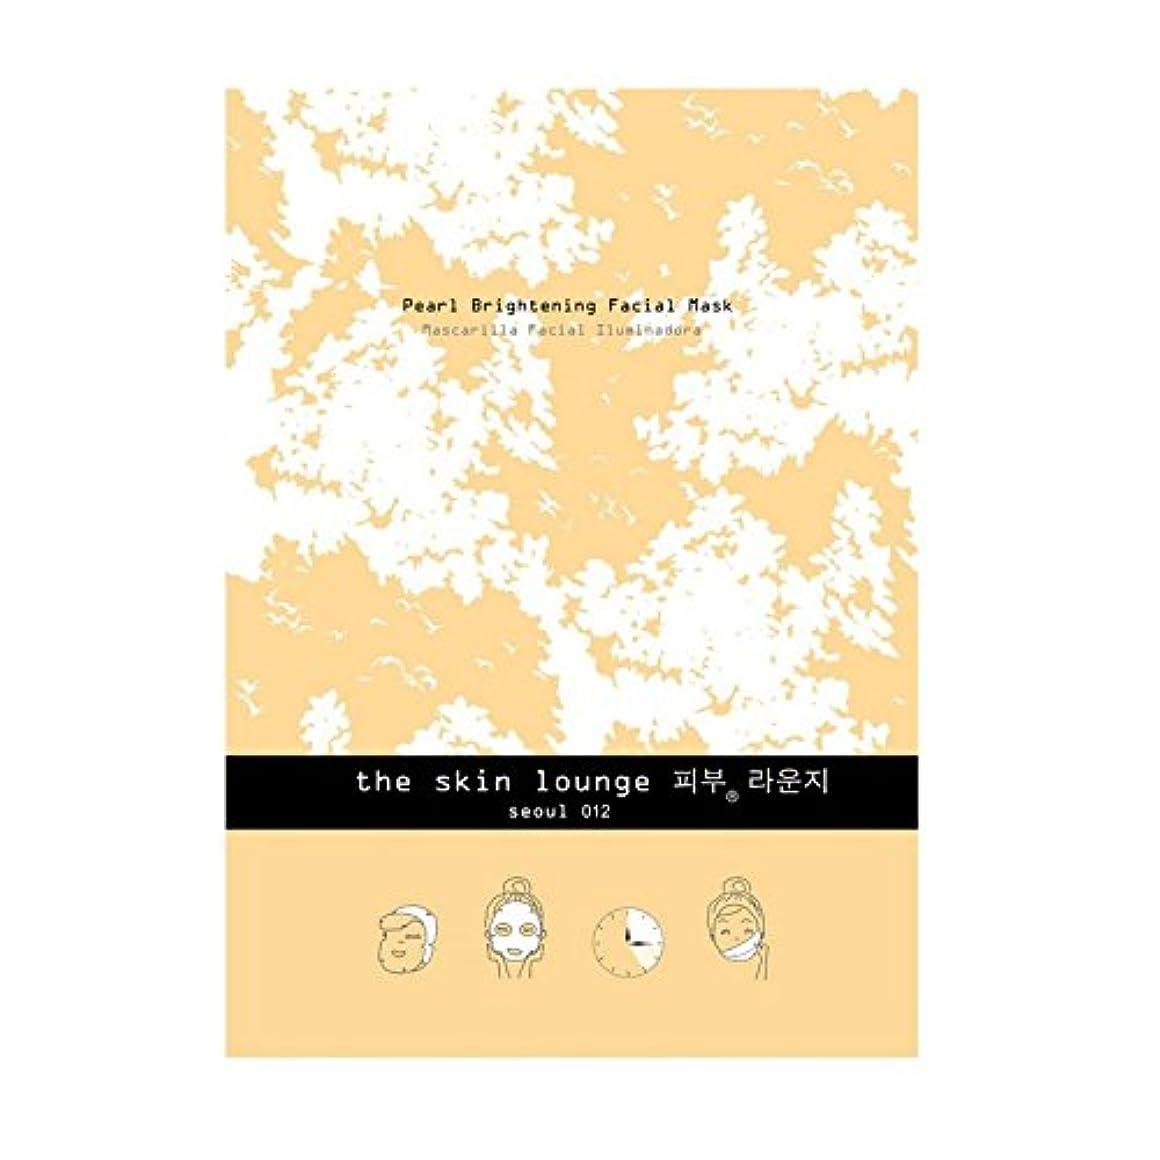 カートまた明日ねその結果単一セルロースマスクを明るく皮膚ラウンジ真珠 x4 - The Skin Lounge Pearl Brightening Single Cellulose Mask (Pack of 4) [並行輸入品]